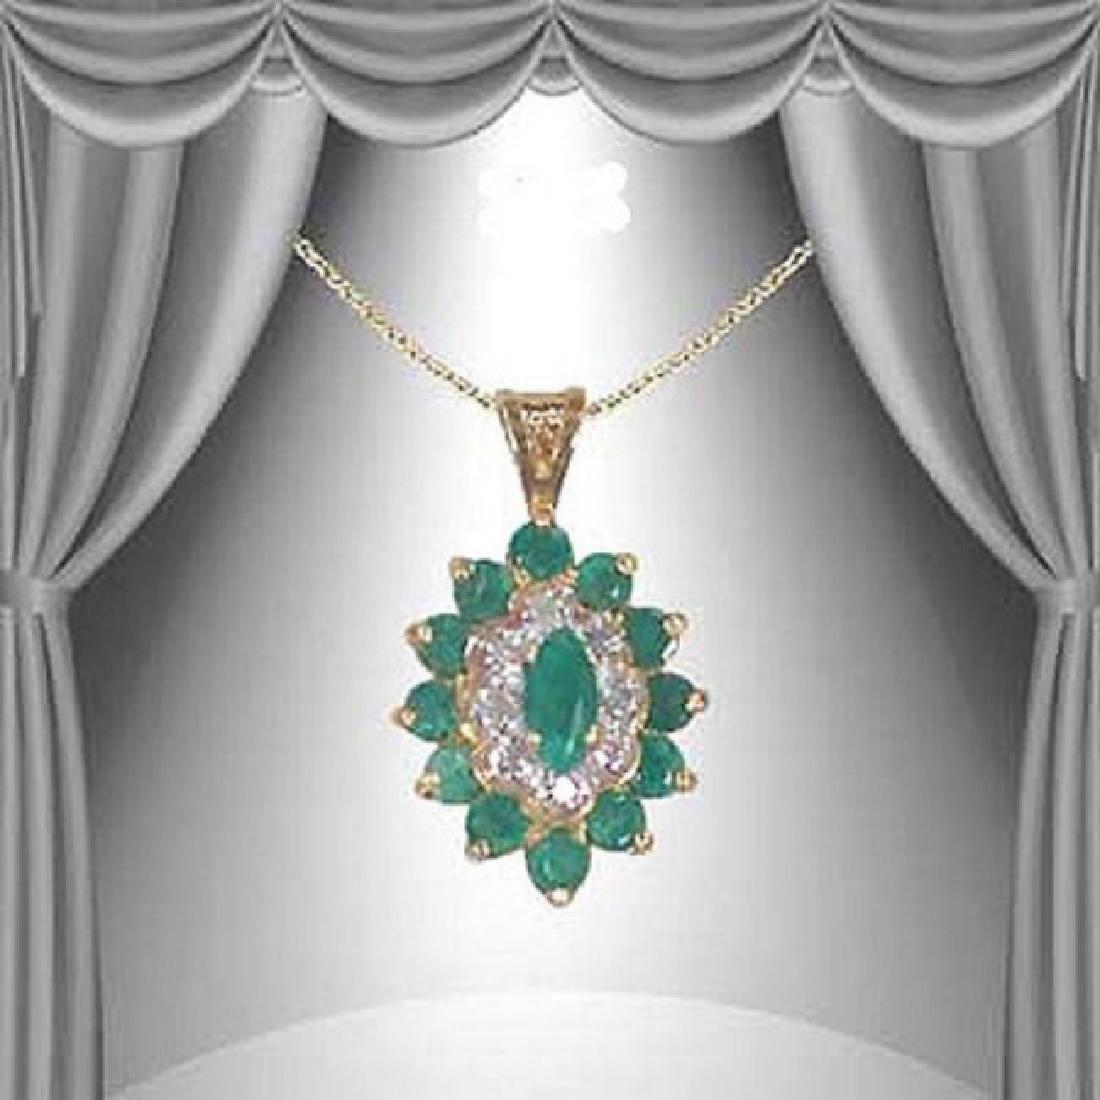 3.92 CT Green Agate & Diamond Fine Necklace $1170